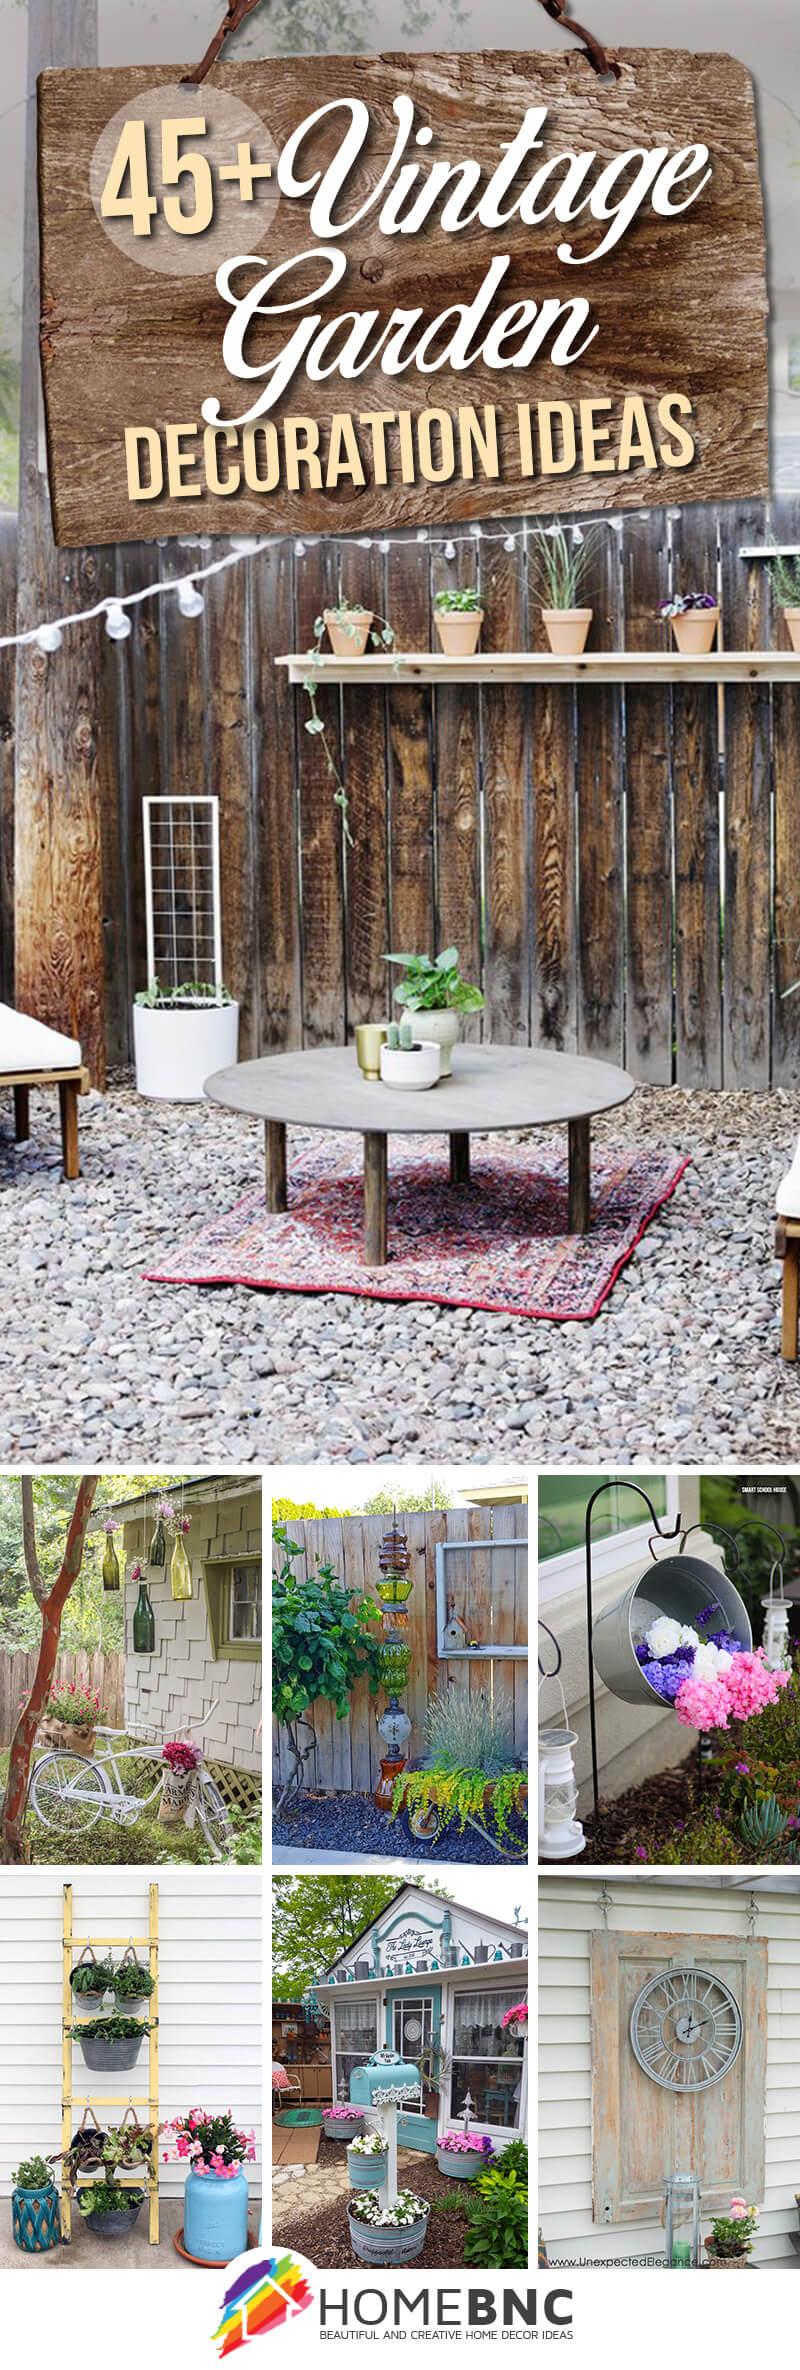 Vintage Garden Decorations